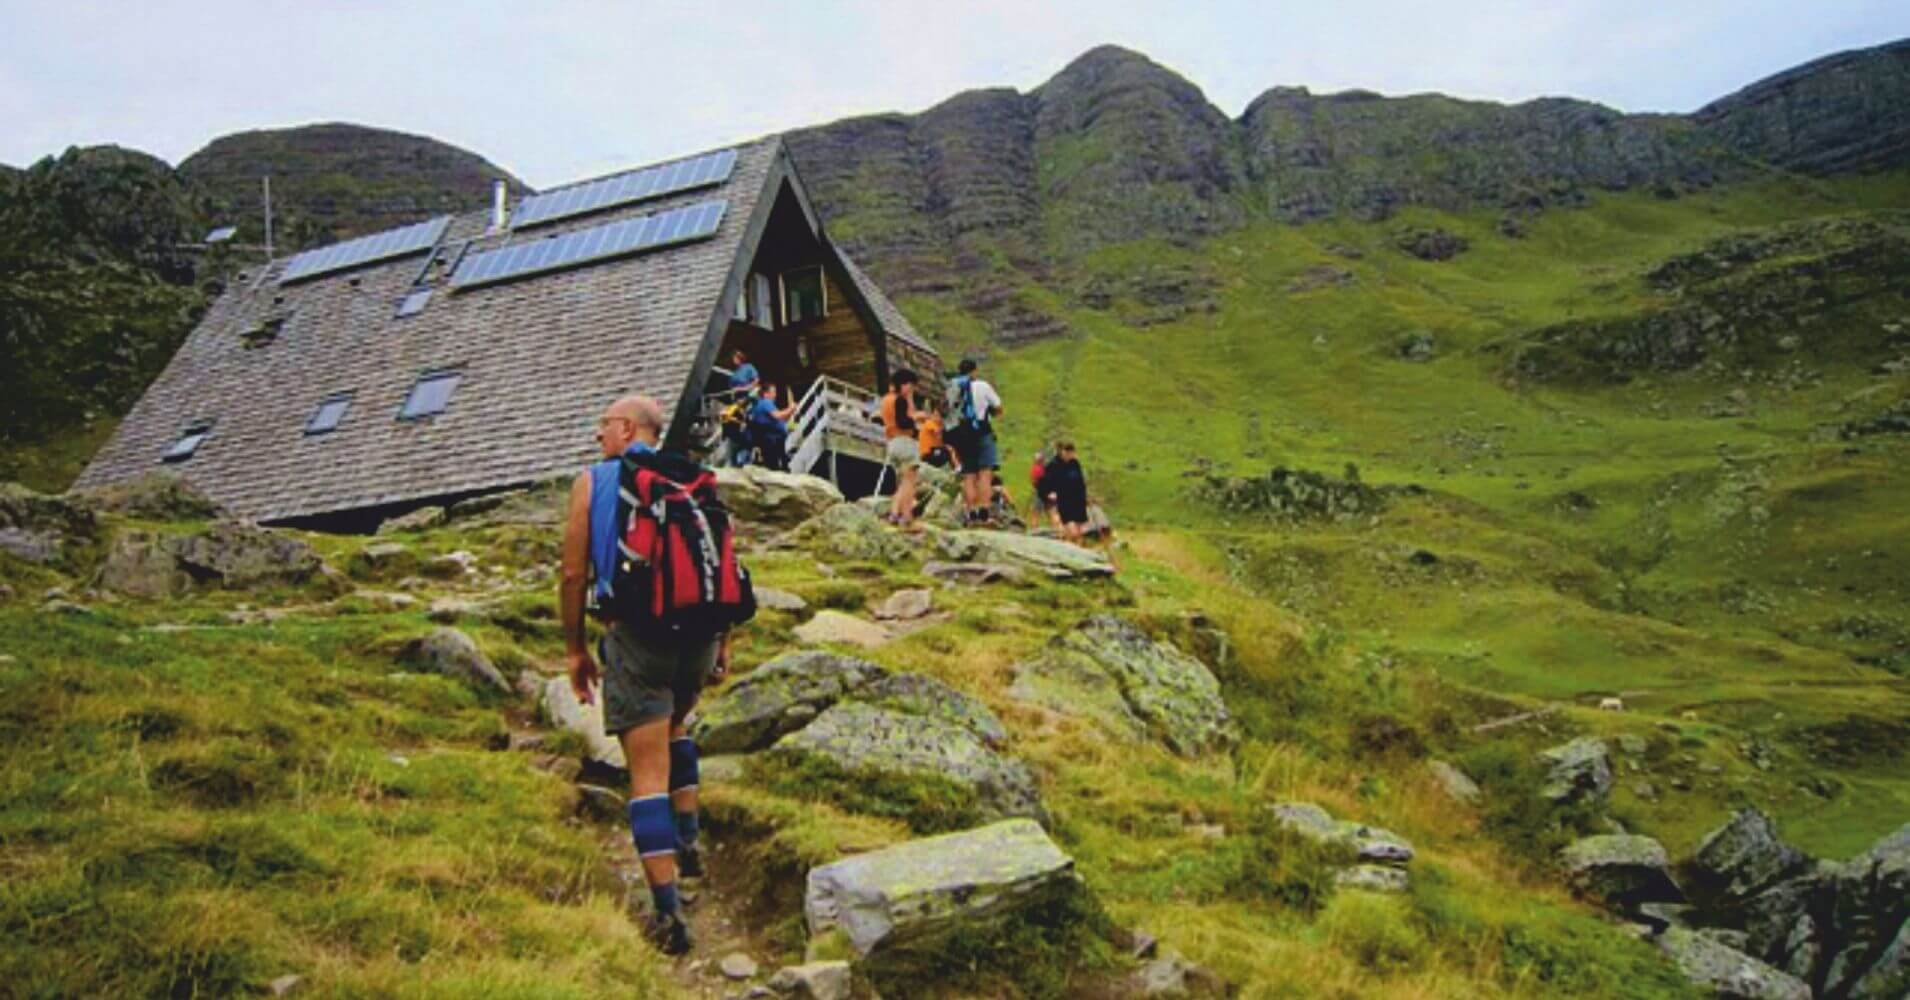 Refugio de Ayous. Parque Nacional de los Pirineos. Nueva Aquitania, Pirineos Atlánticos. Francia.